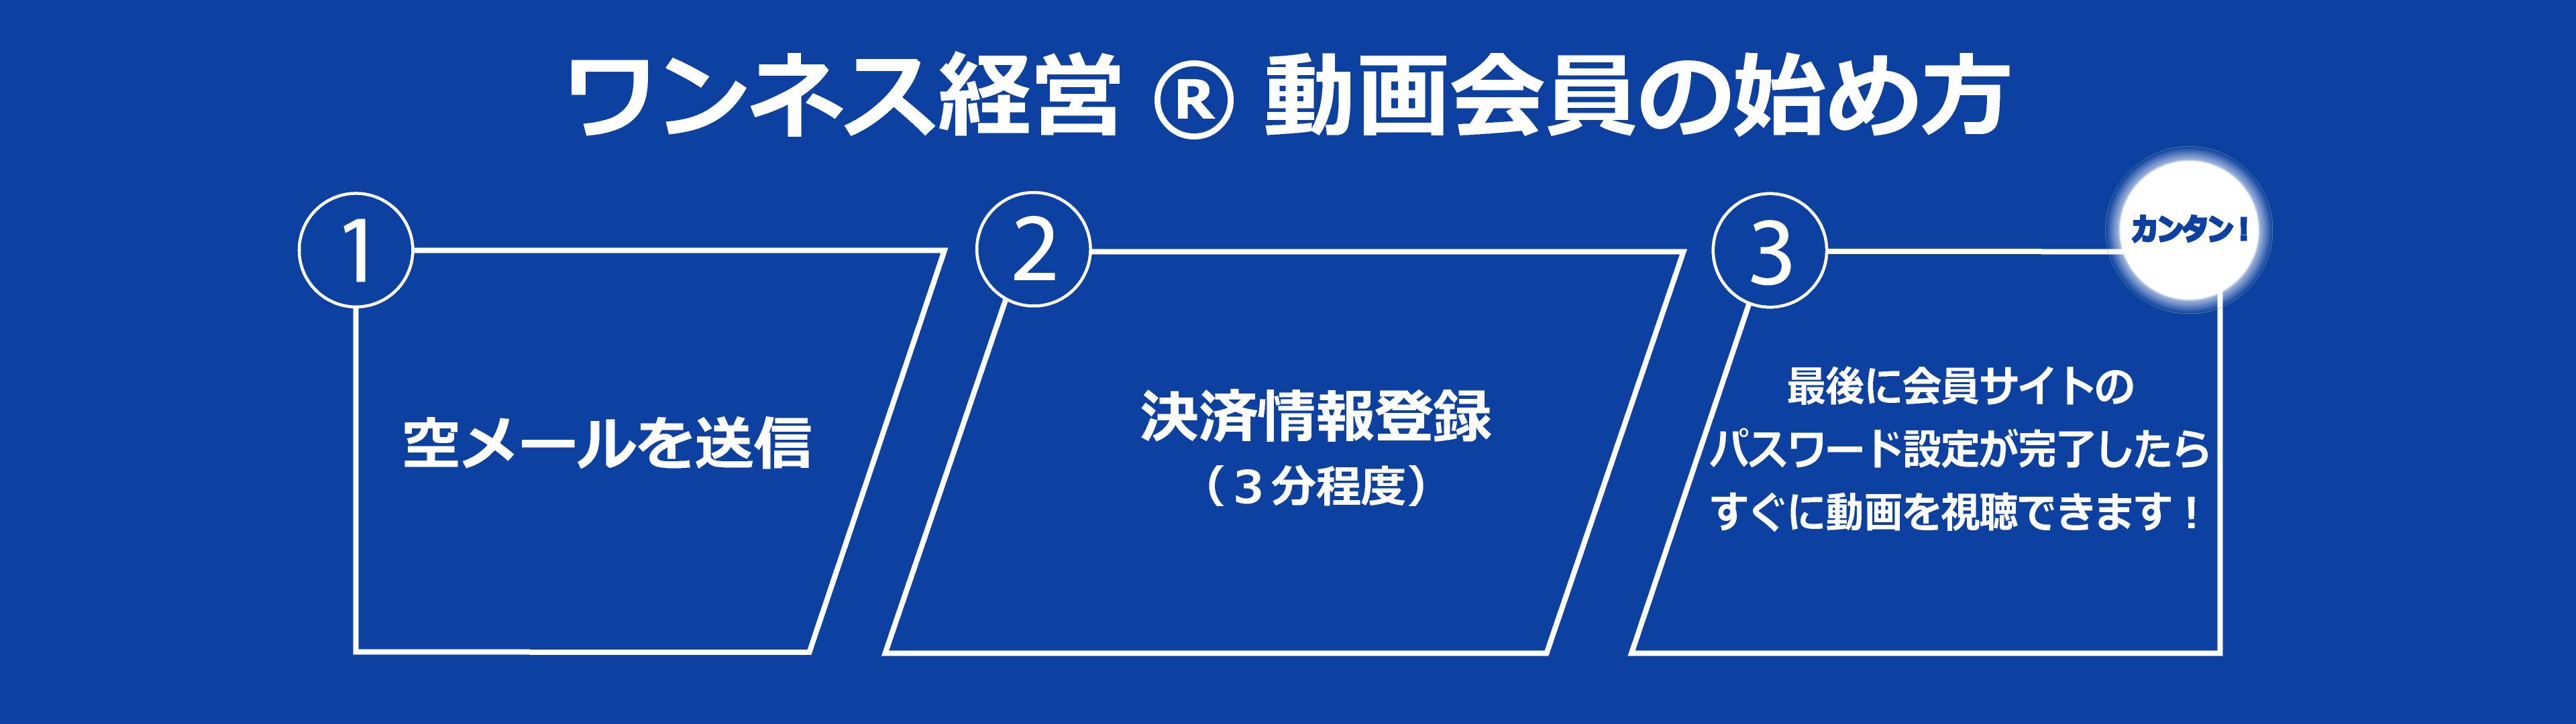 ワンネス経営®動画会員の始め方は3ステップで簡単!